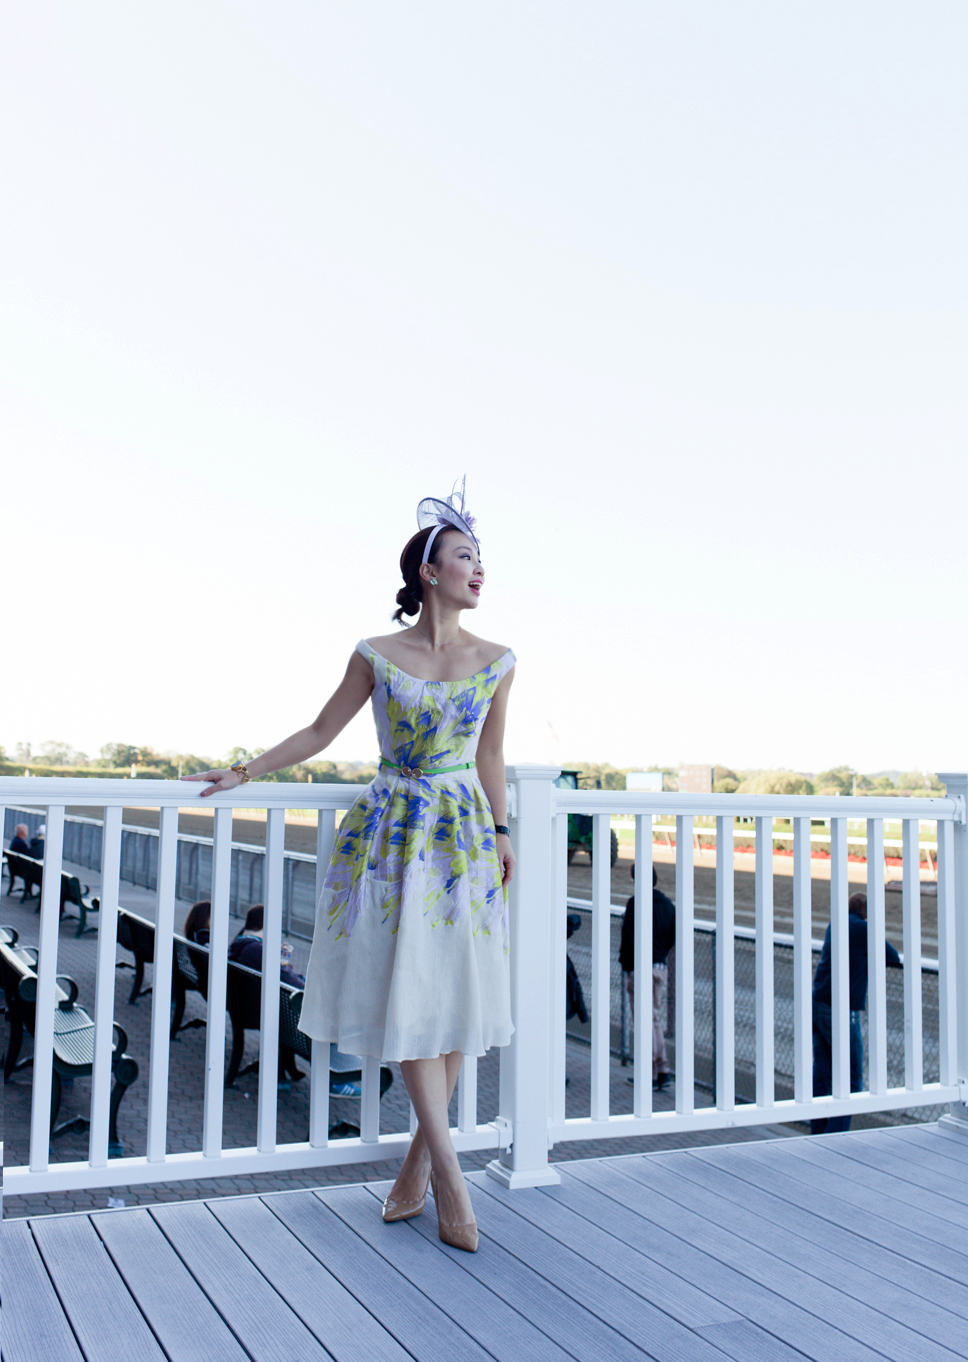 derby style dress.jpg